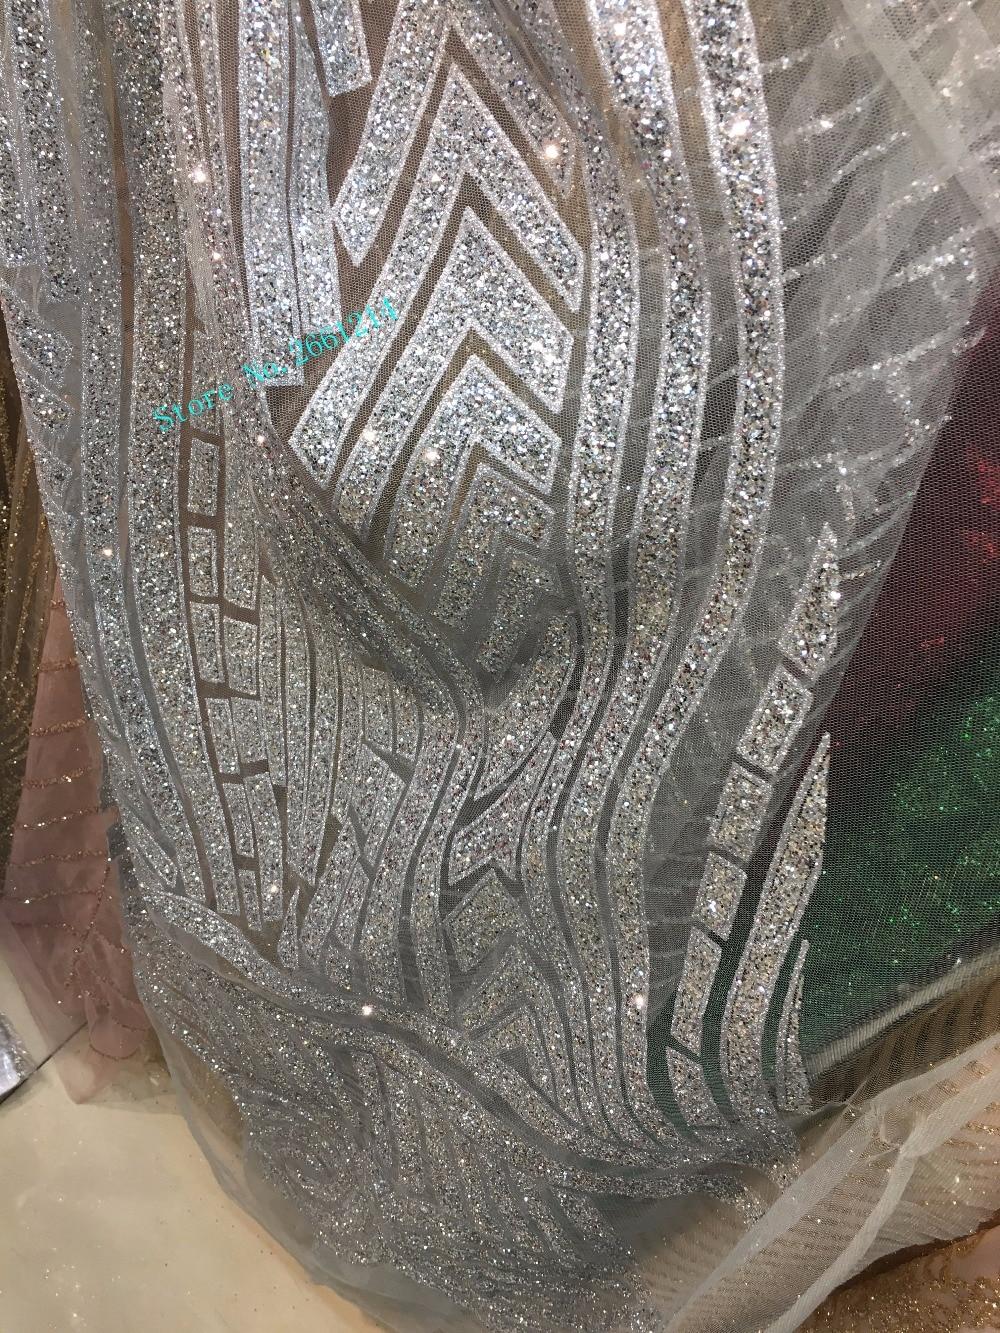 5yds/piezas lentejuelas especiales glued purpurina tela de red francesa tela de encaje de malla bordada en color plateado BZL 101128 para el vestido-in Tela from Hogar y Mascotas    1